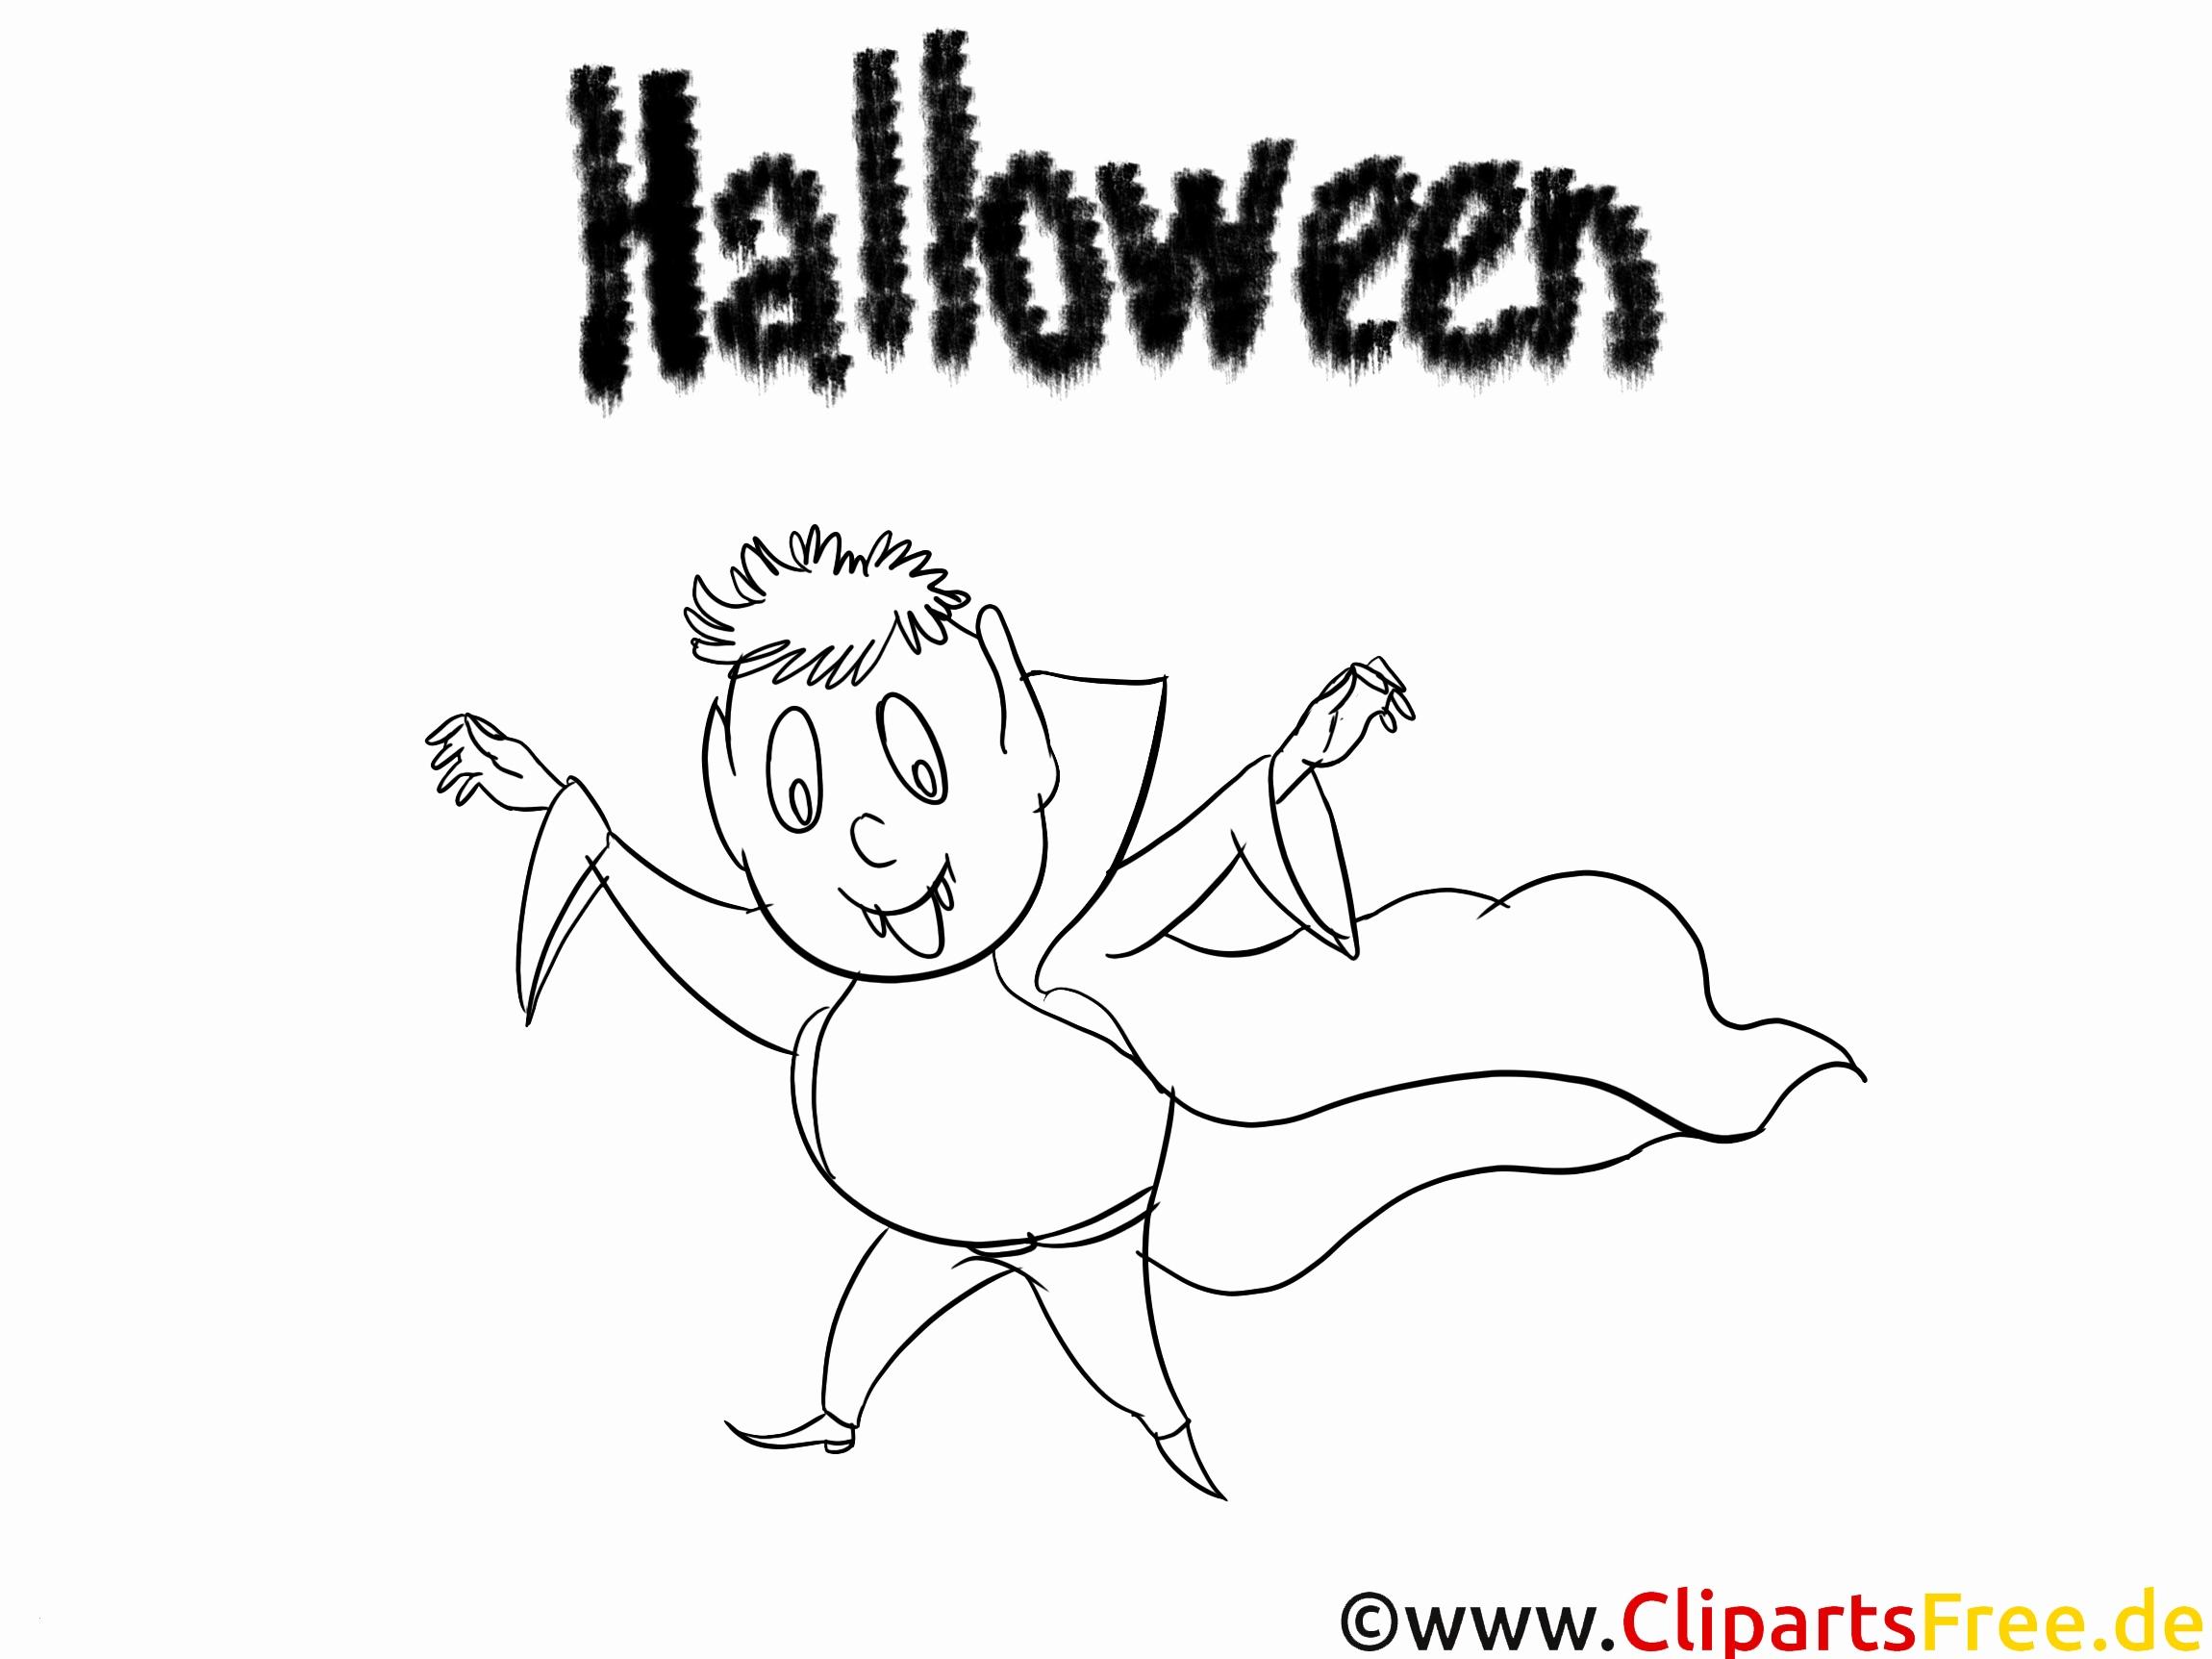 32 Neu Lager Von Ausmalbilder Zum Ausdrucken Halloween bestimmt für Gruselige Halloween Ausmalbilder Zum Ausdrucken